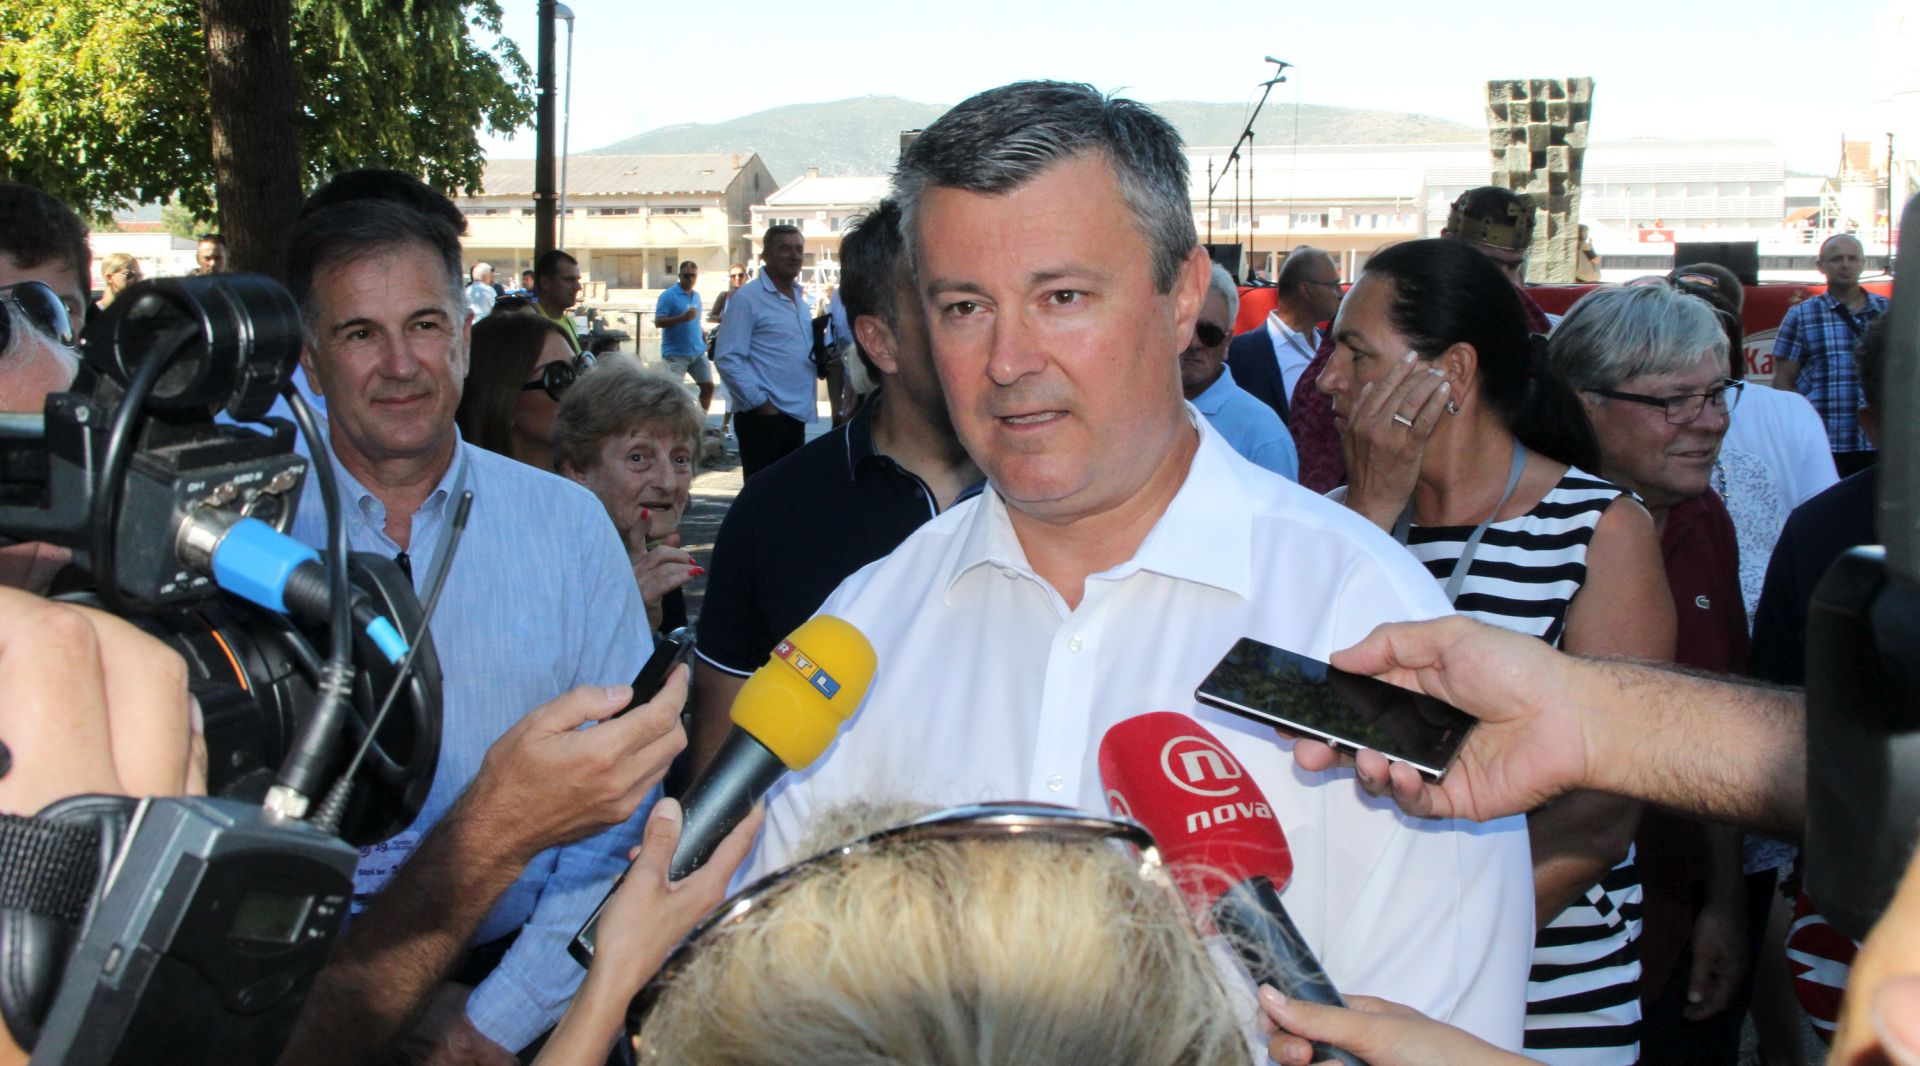 TIHOMIR OREŠKOVIĆ: Milanović i Plenković u debati nisu bili preoštri